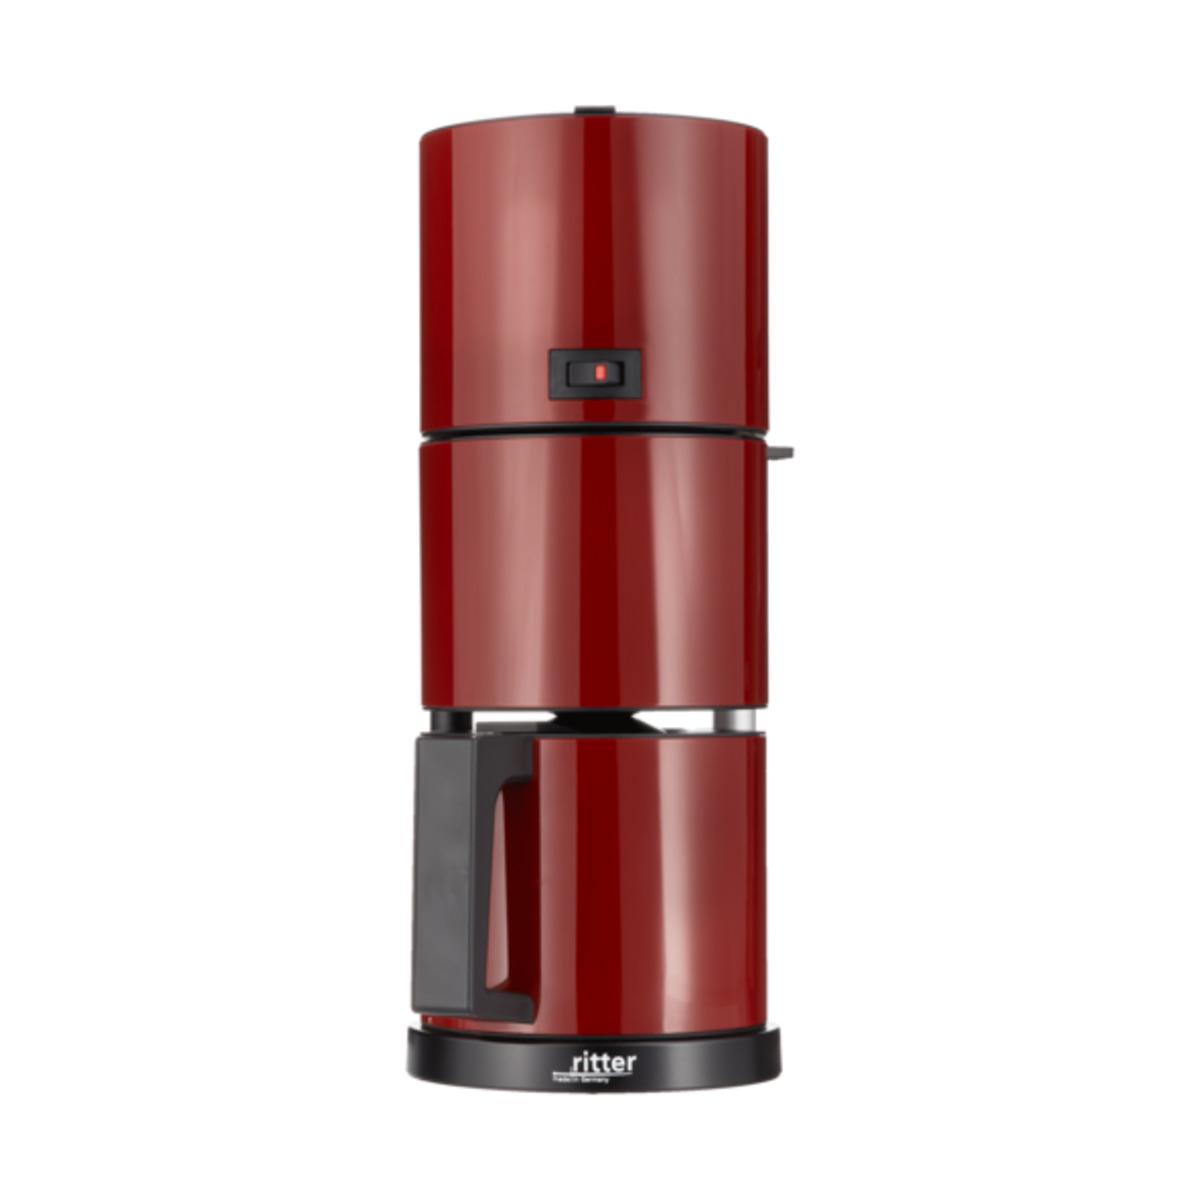 Bild 1 von Kaffeemaschine ritter Cafena 5, rot